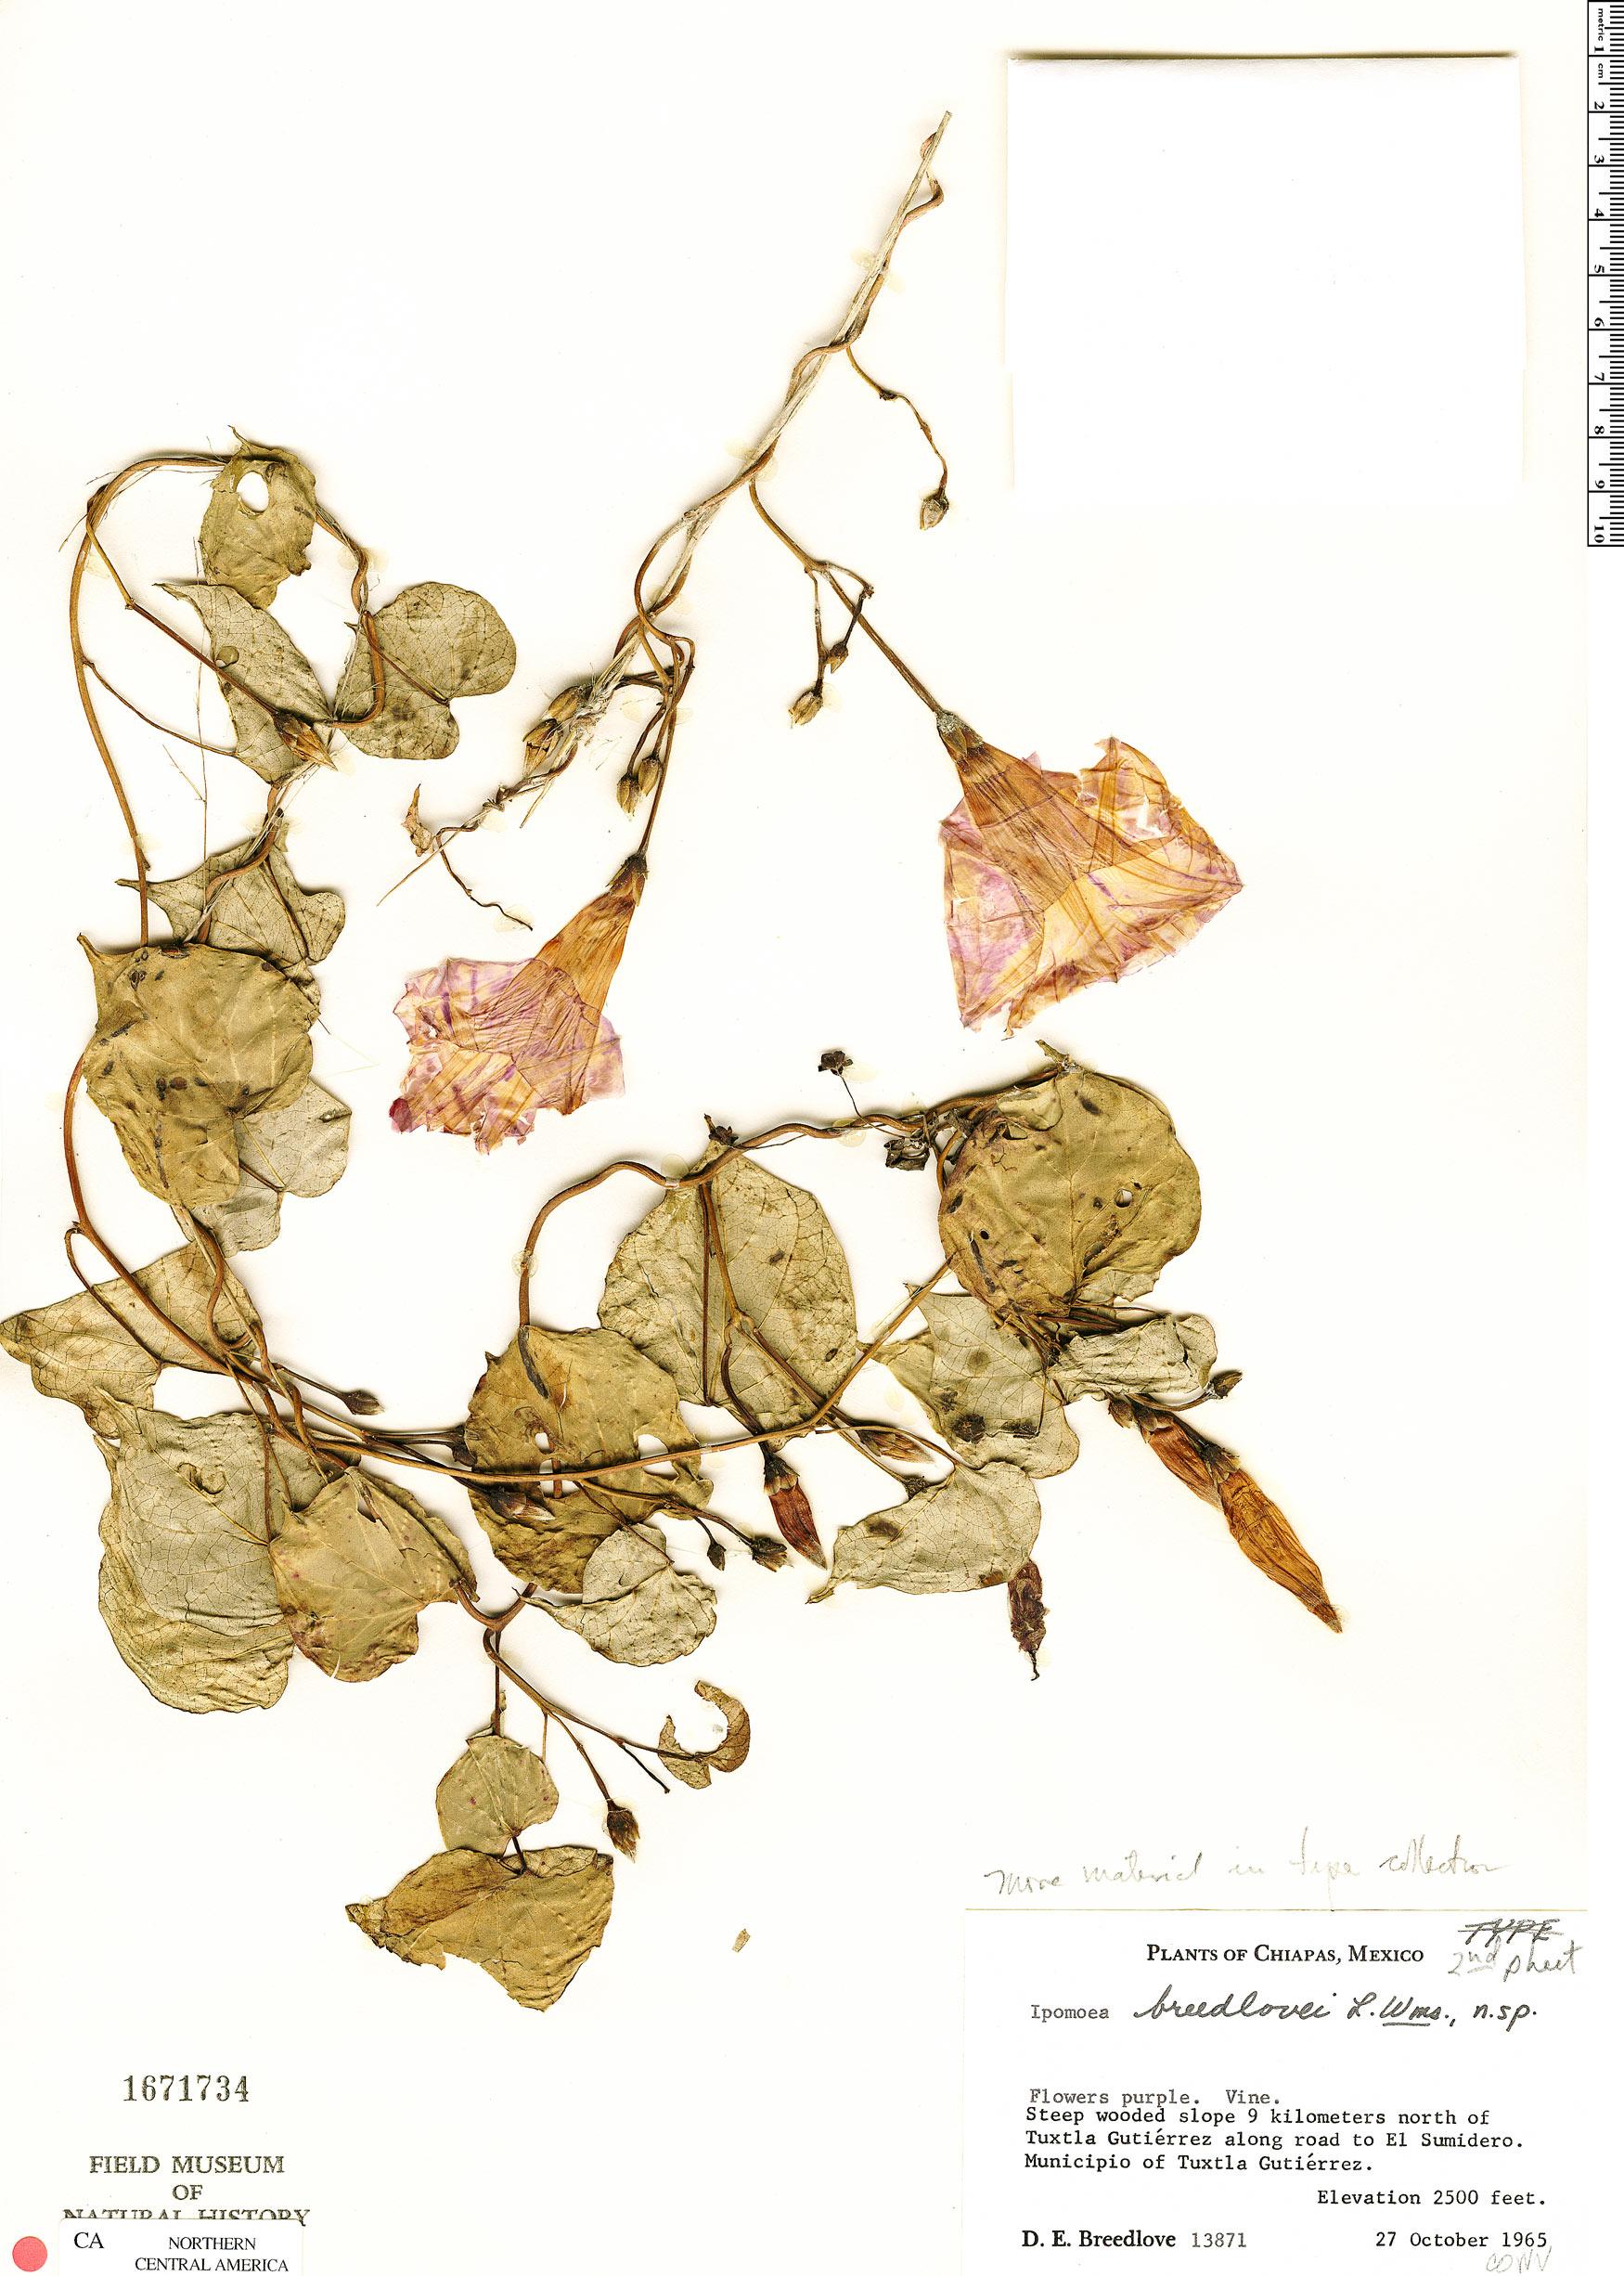 Specimen: Ipomoea pedicellaris